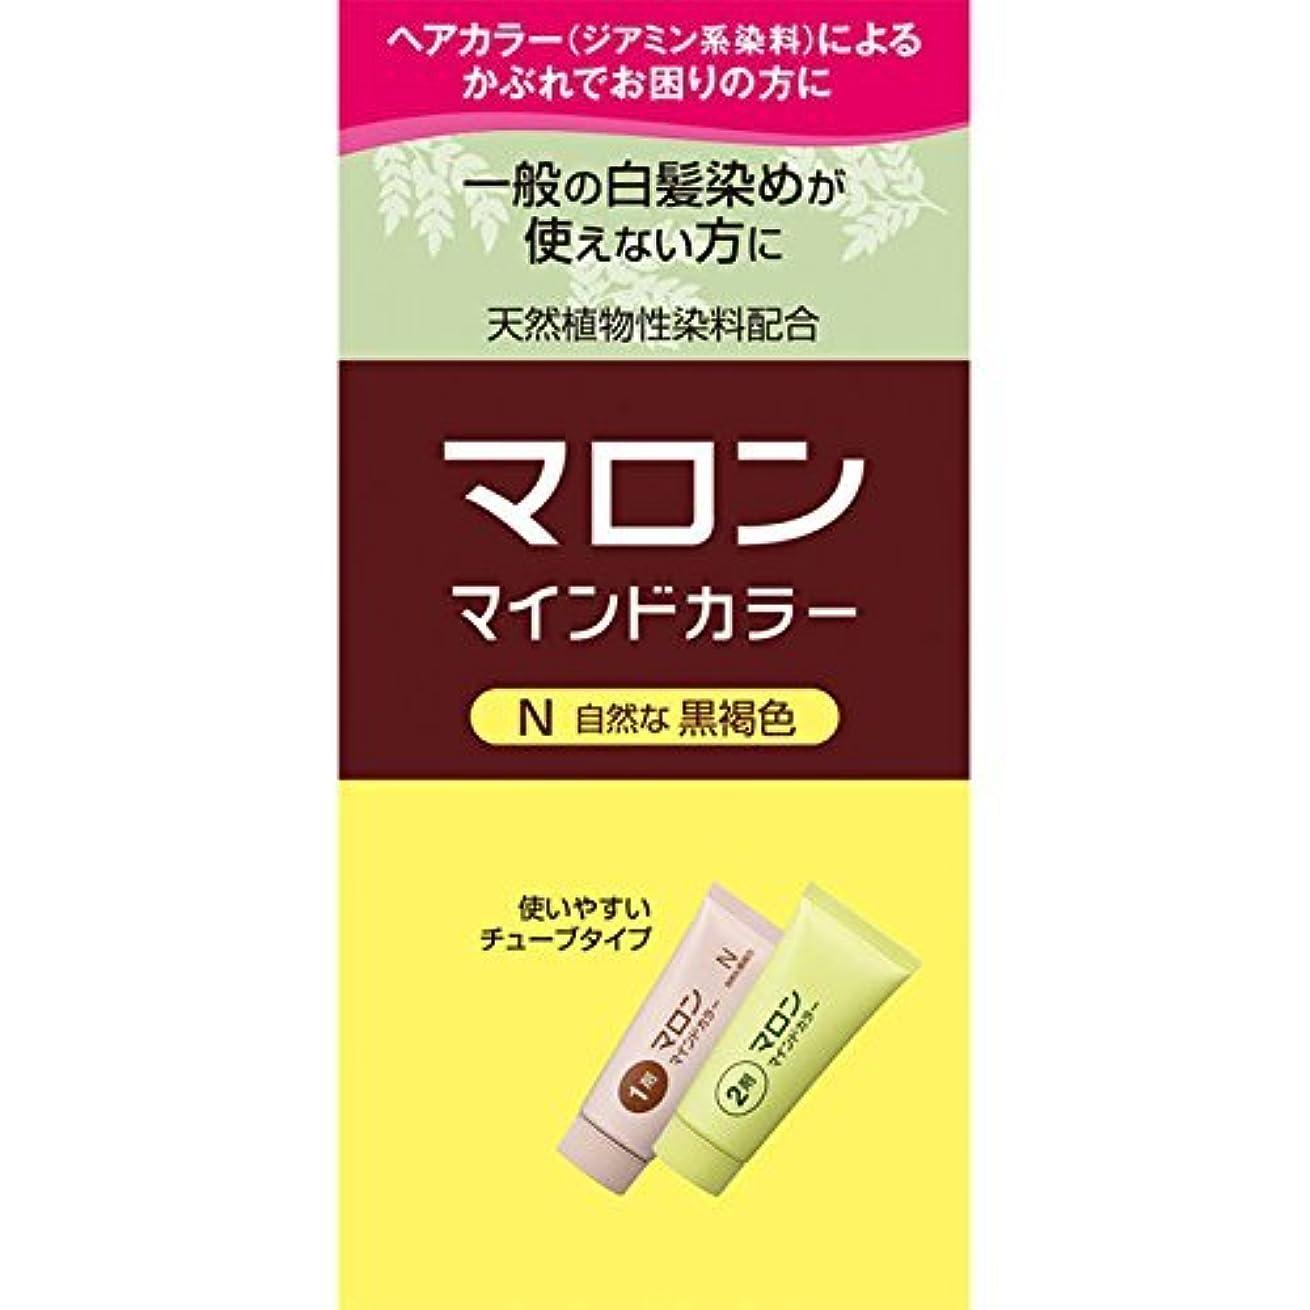 オール泥だらけ終わったヘンケルライオンコスメティックス マロン マインドカラー N 自然な黒褐色 70G+70G (医薬部外品)